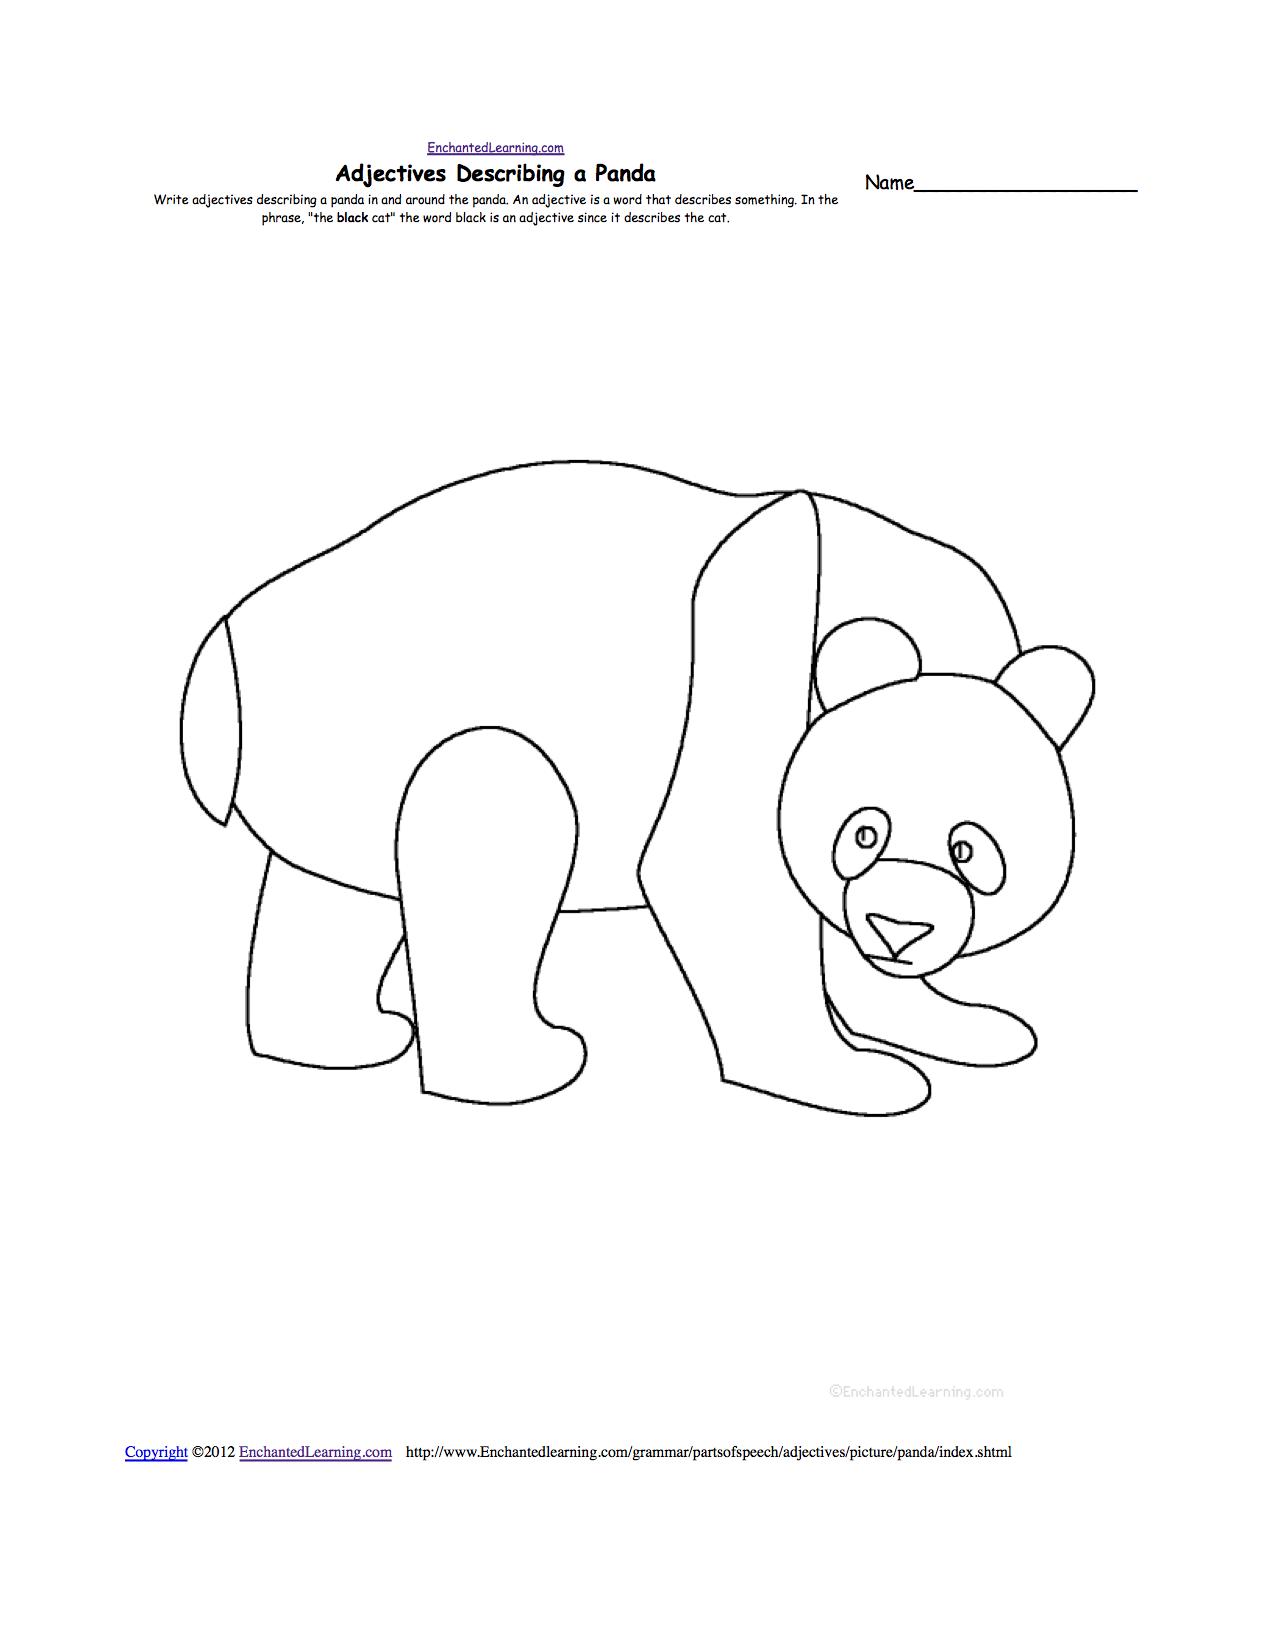 Adjectives Describing A Panda